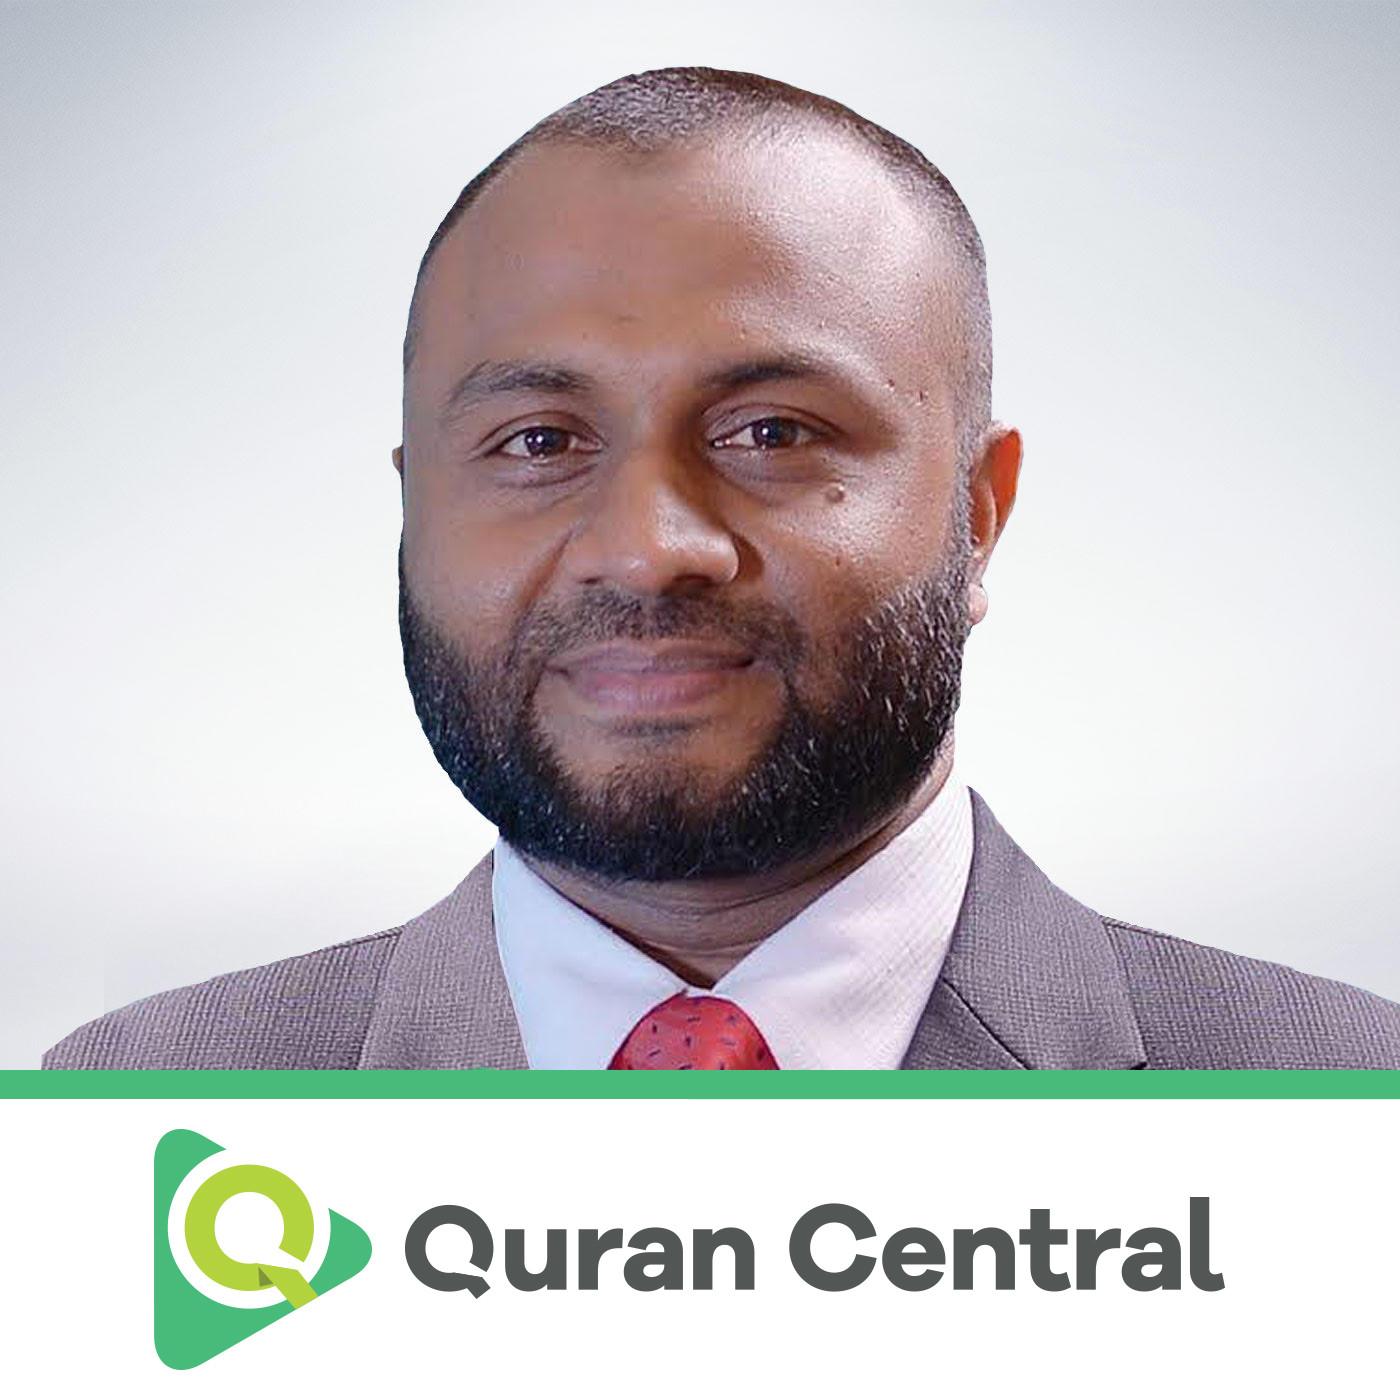 Dr. Mohamed Shaheem Ali Saeed